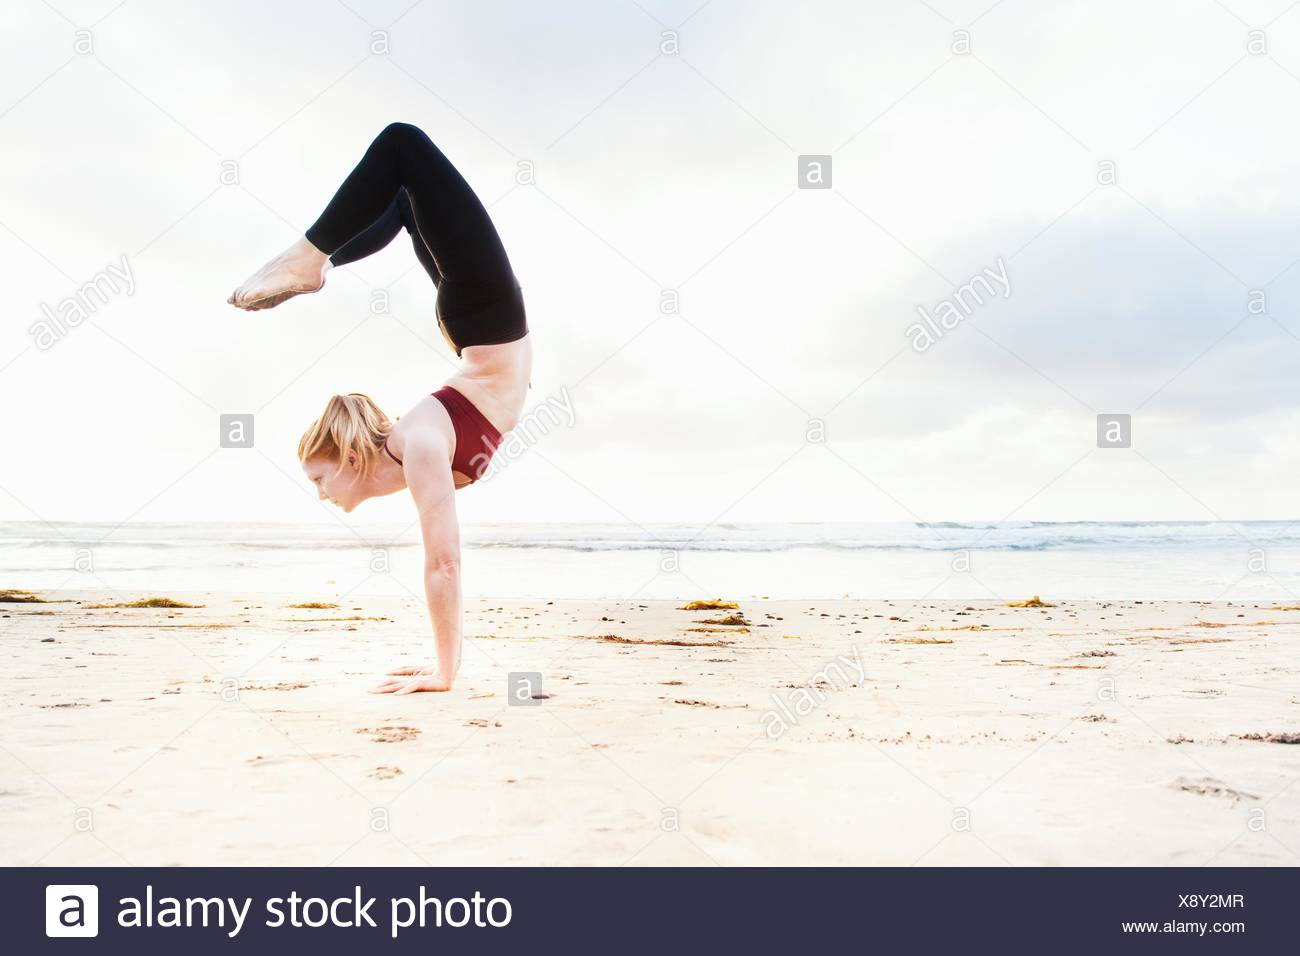 Metà donna adulta praticando yoga handstand posizione sulla spiaggia Foto Stock